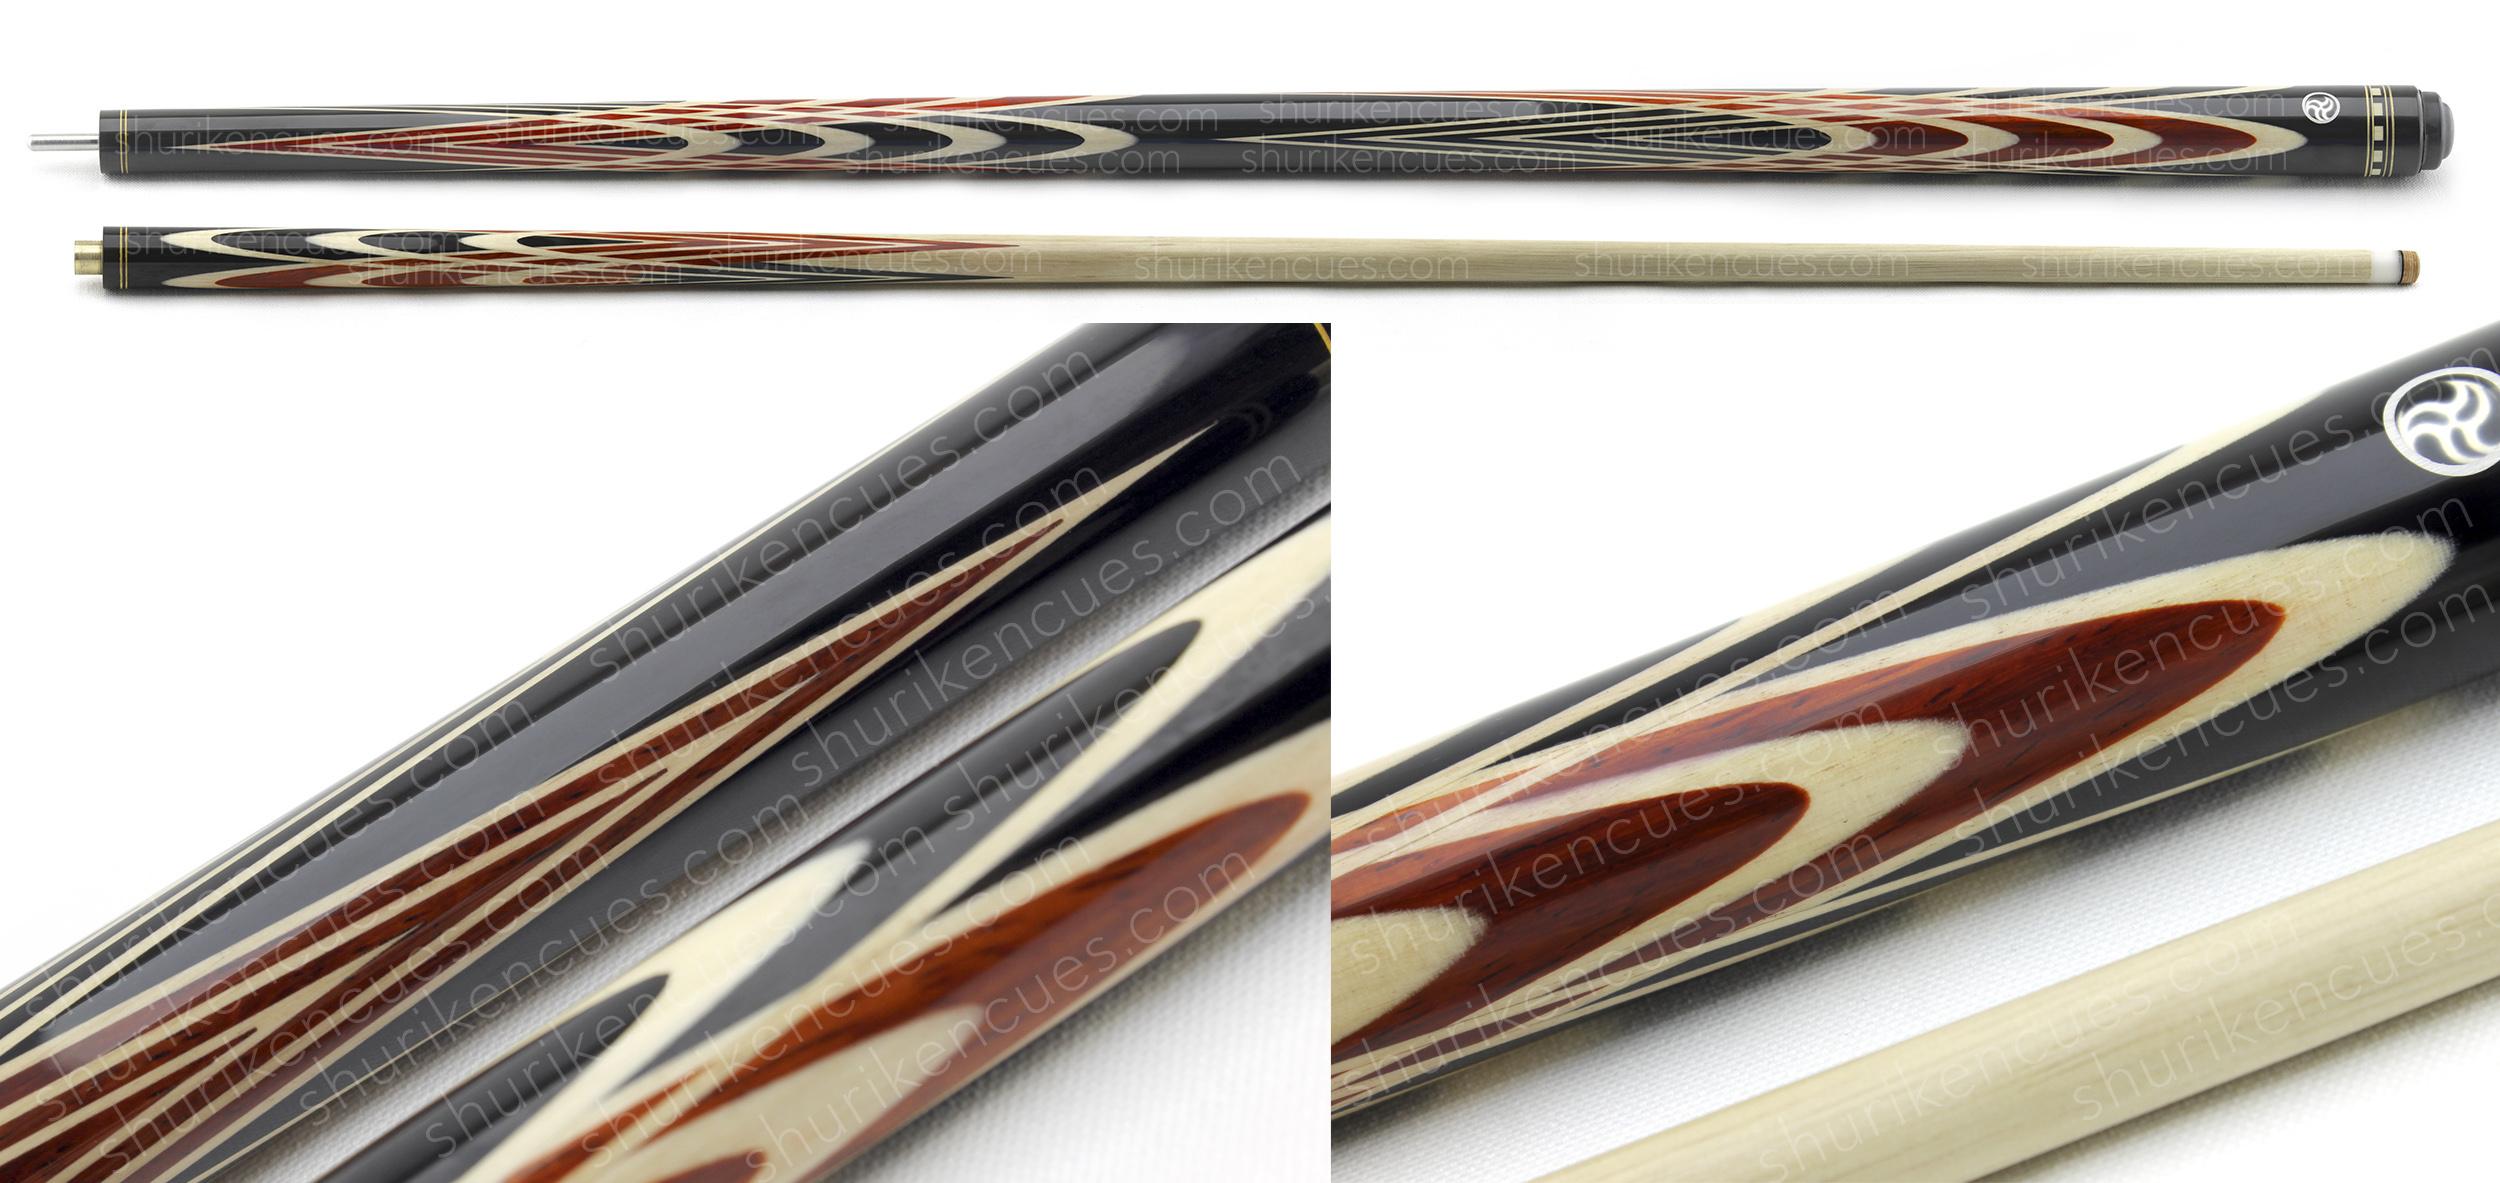 title-1-big bigwig long pool cue bigwig cue custom cue fullsplice cue professional cue premium pool cue high quality cue custom fullsplice cue butterfly cue tulip cue